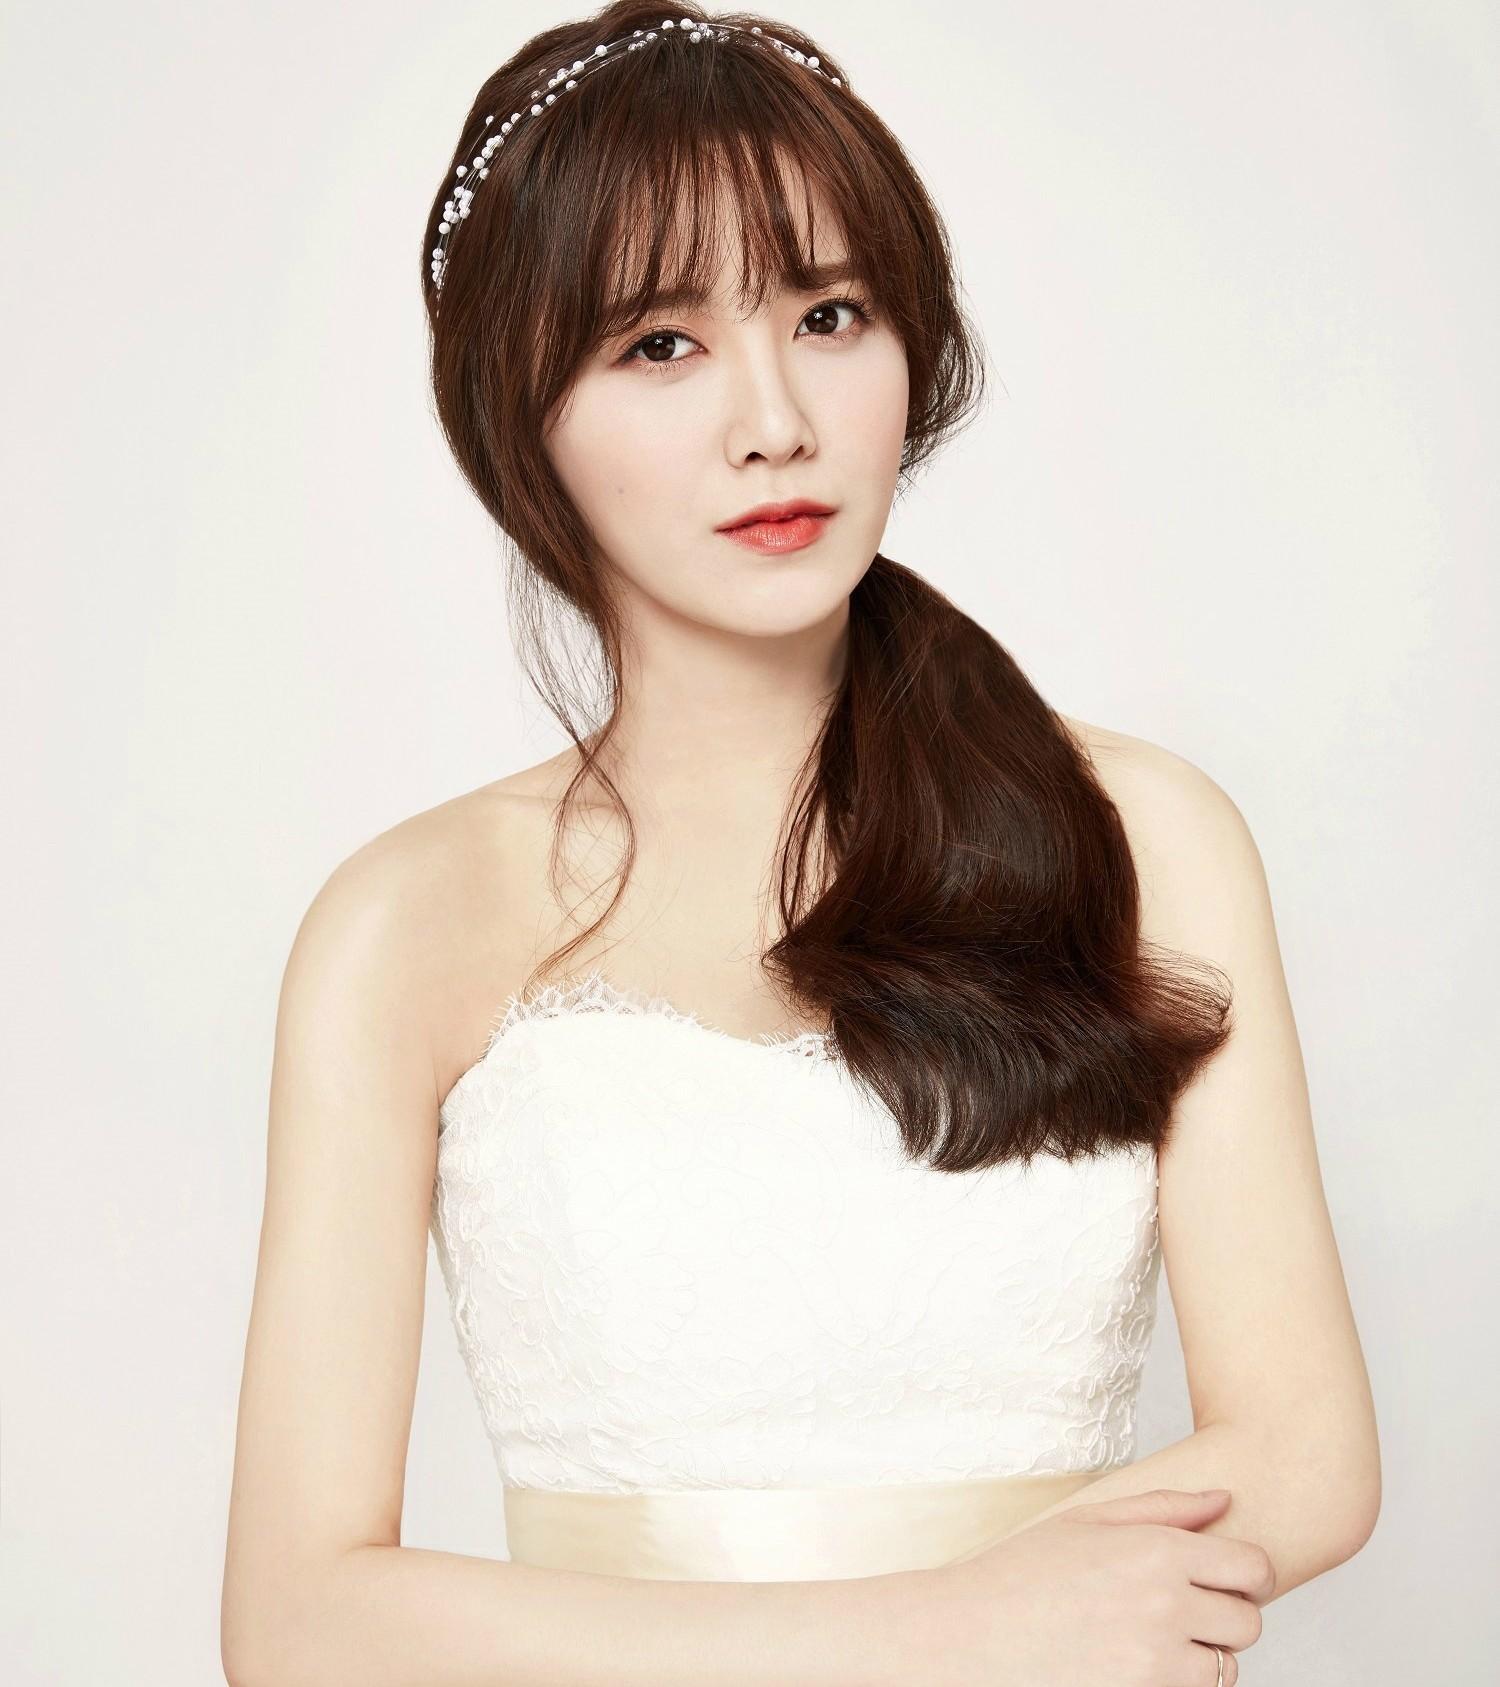 ku-hye-sun-channel-korea